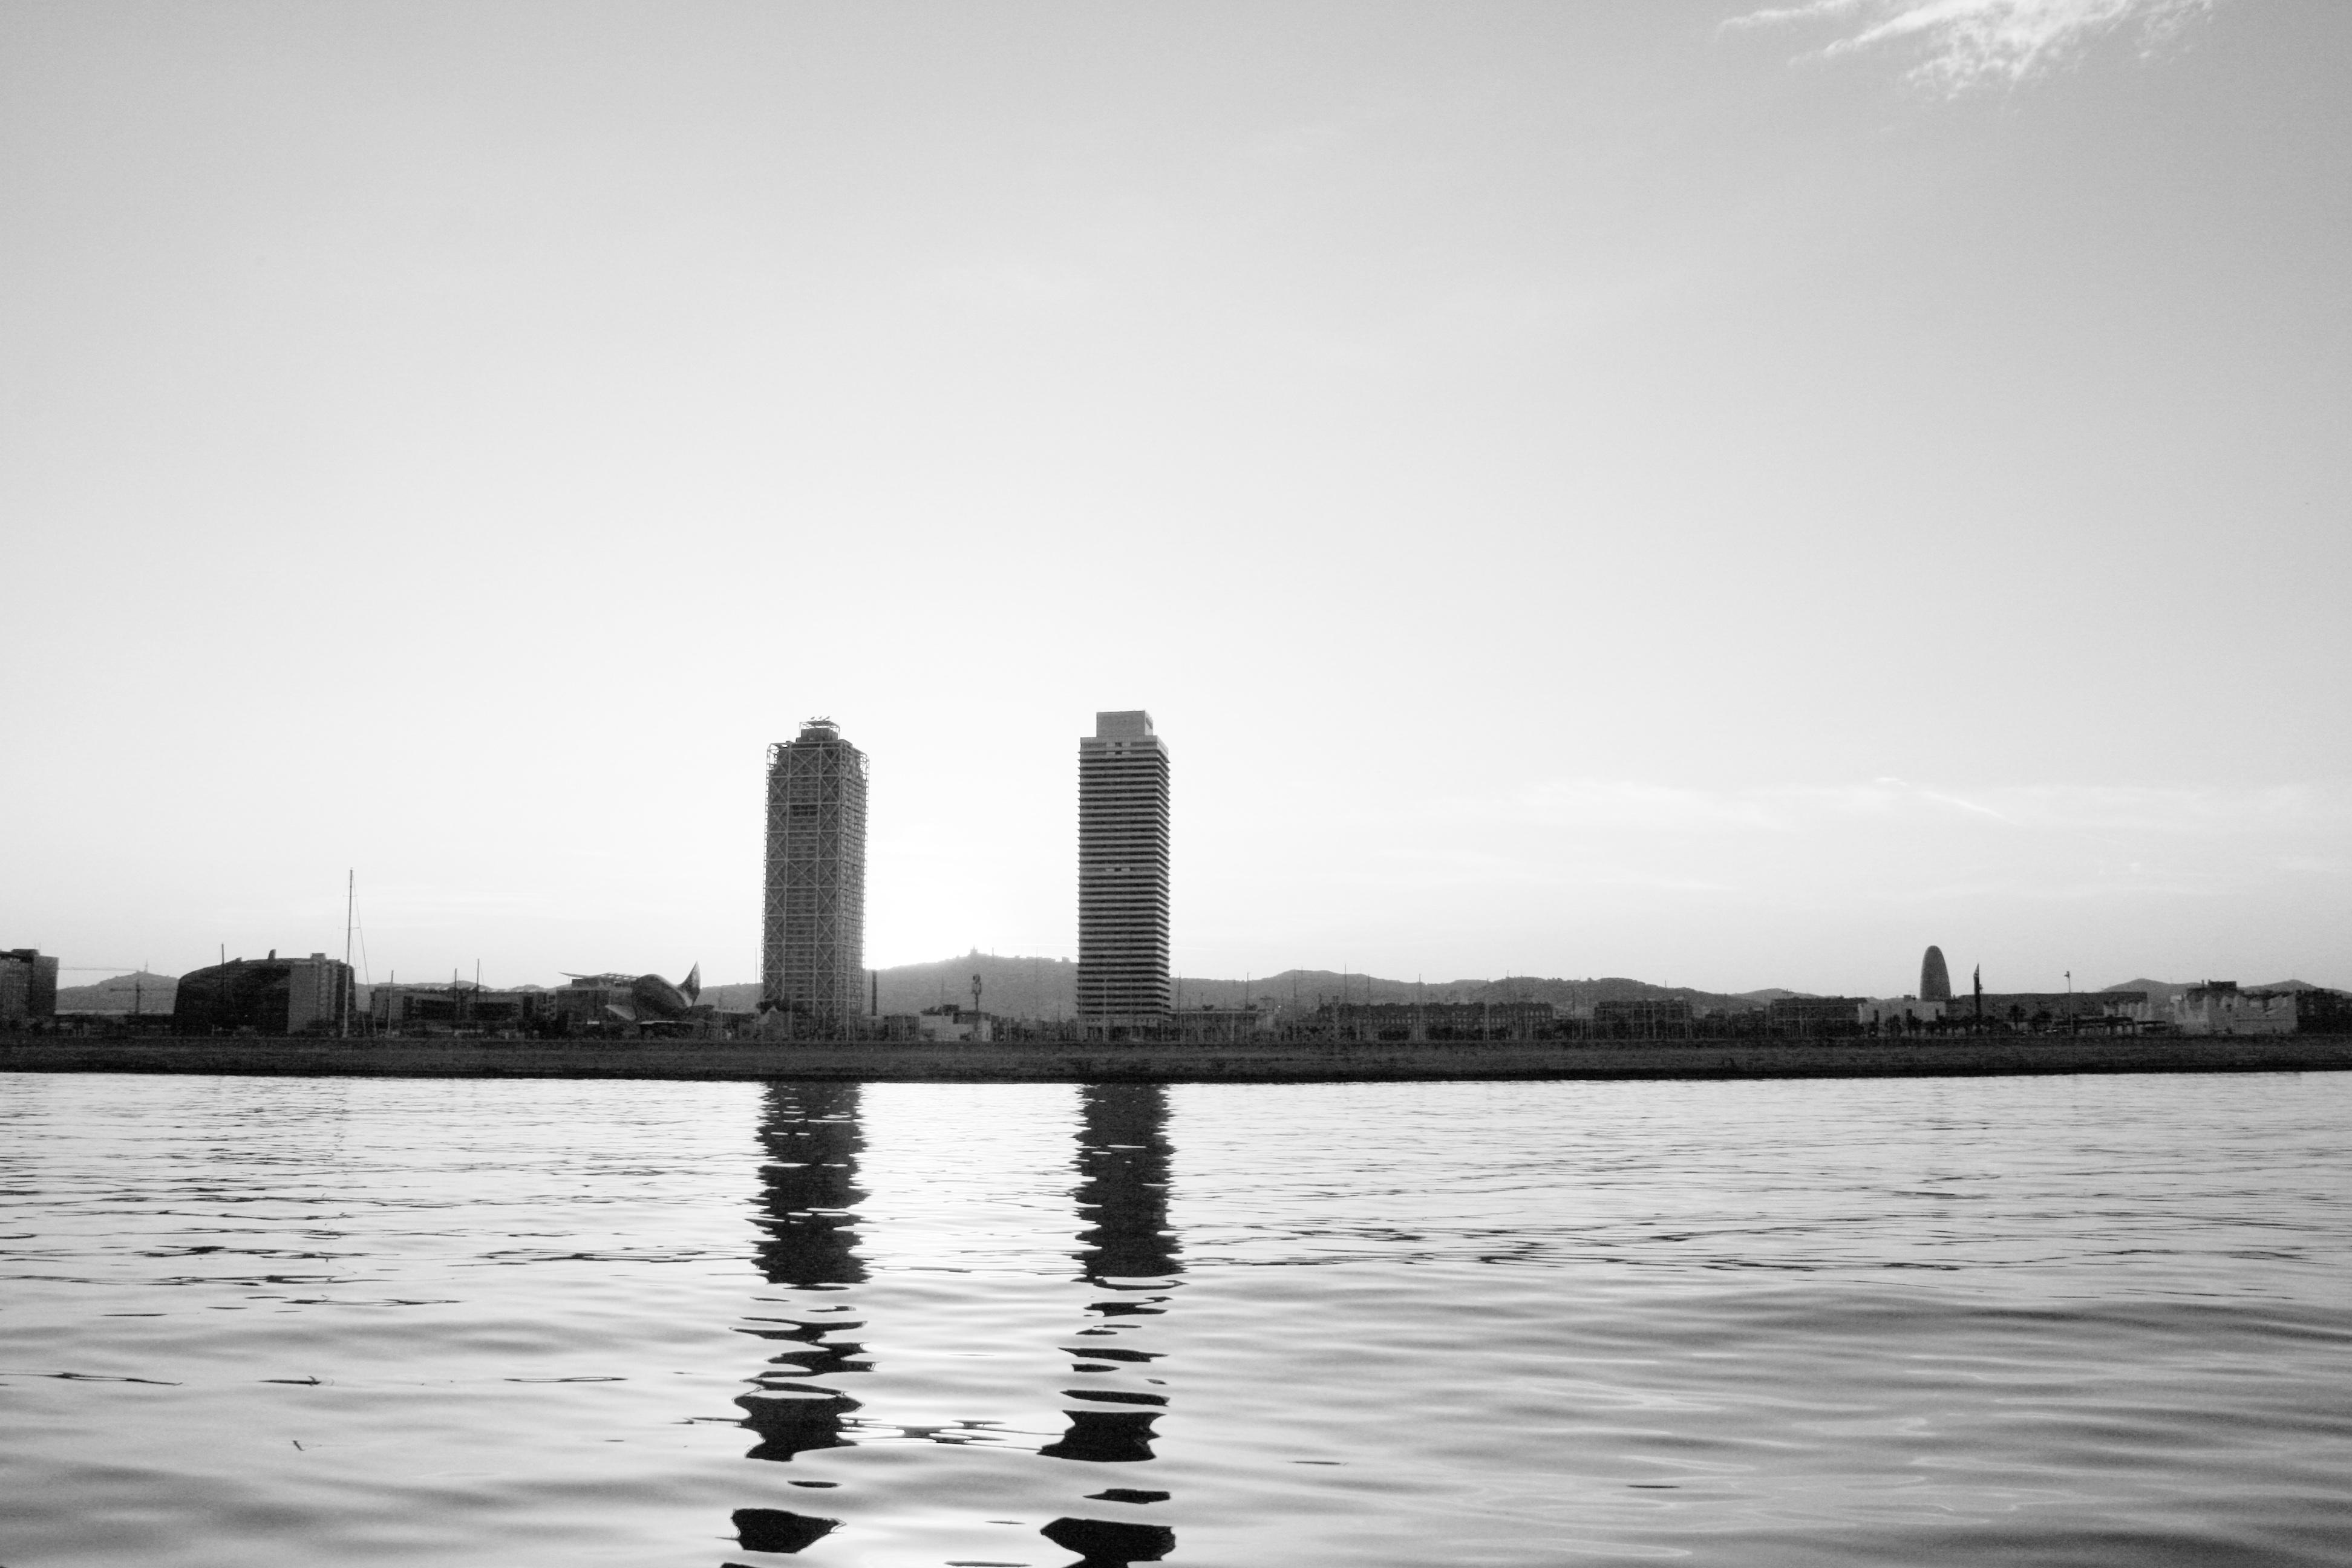 обработать фотографии можно ли сбивать горизонт на фото синевато-серым